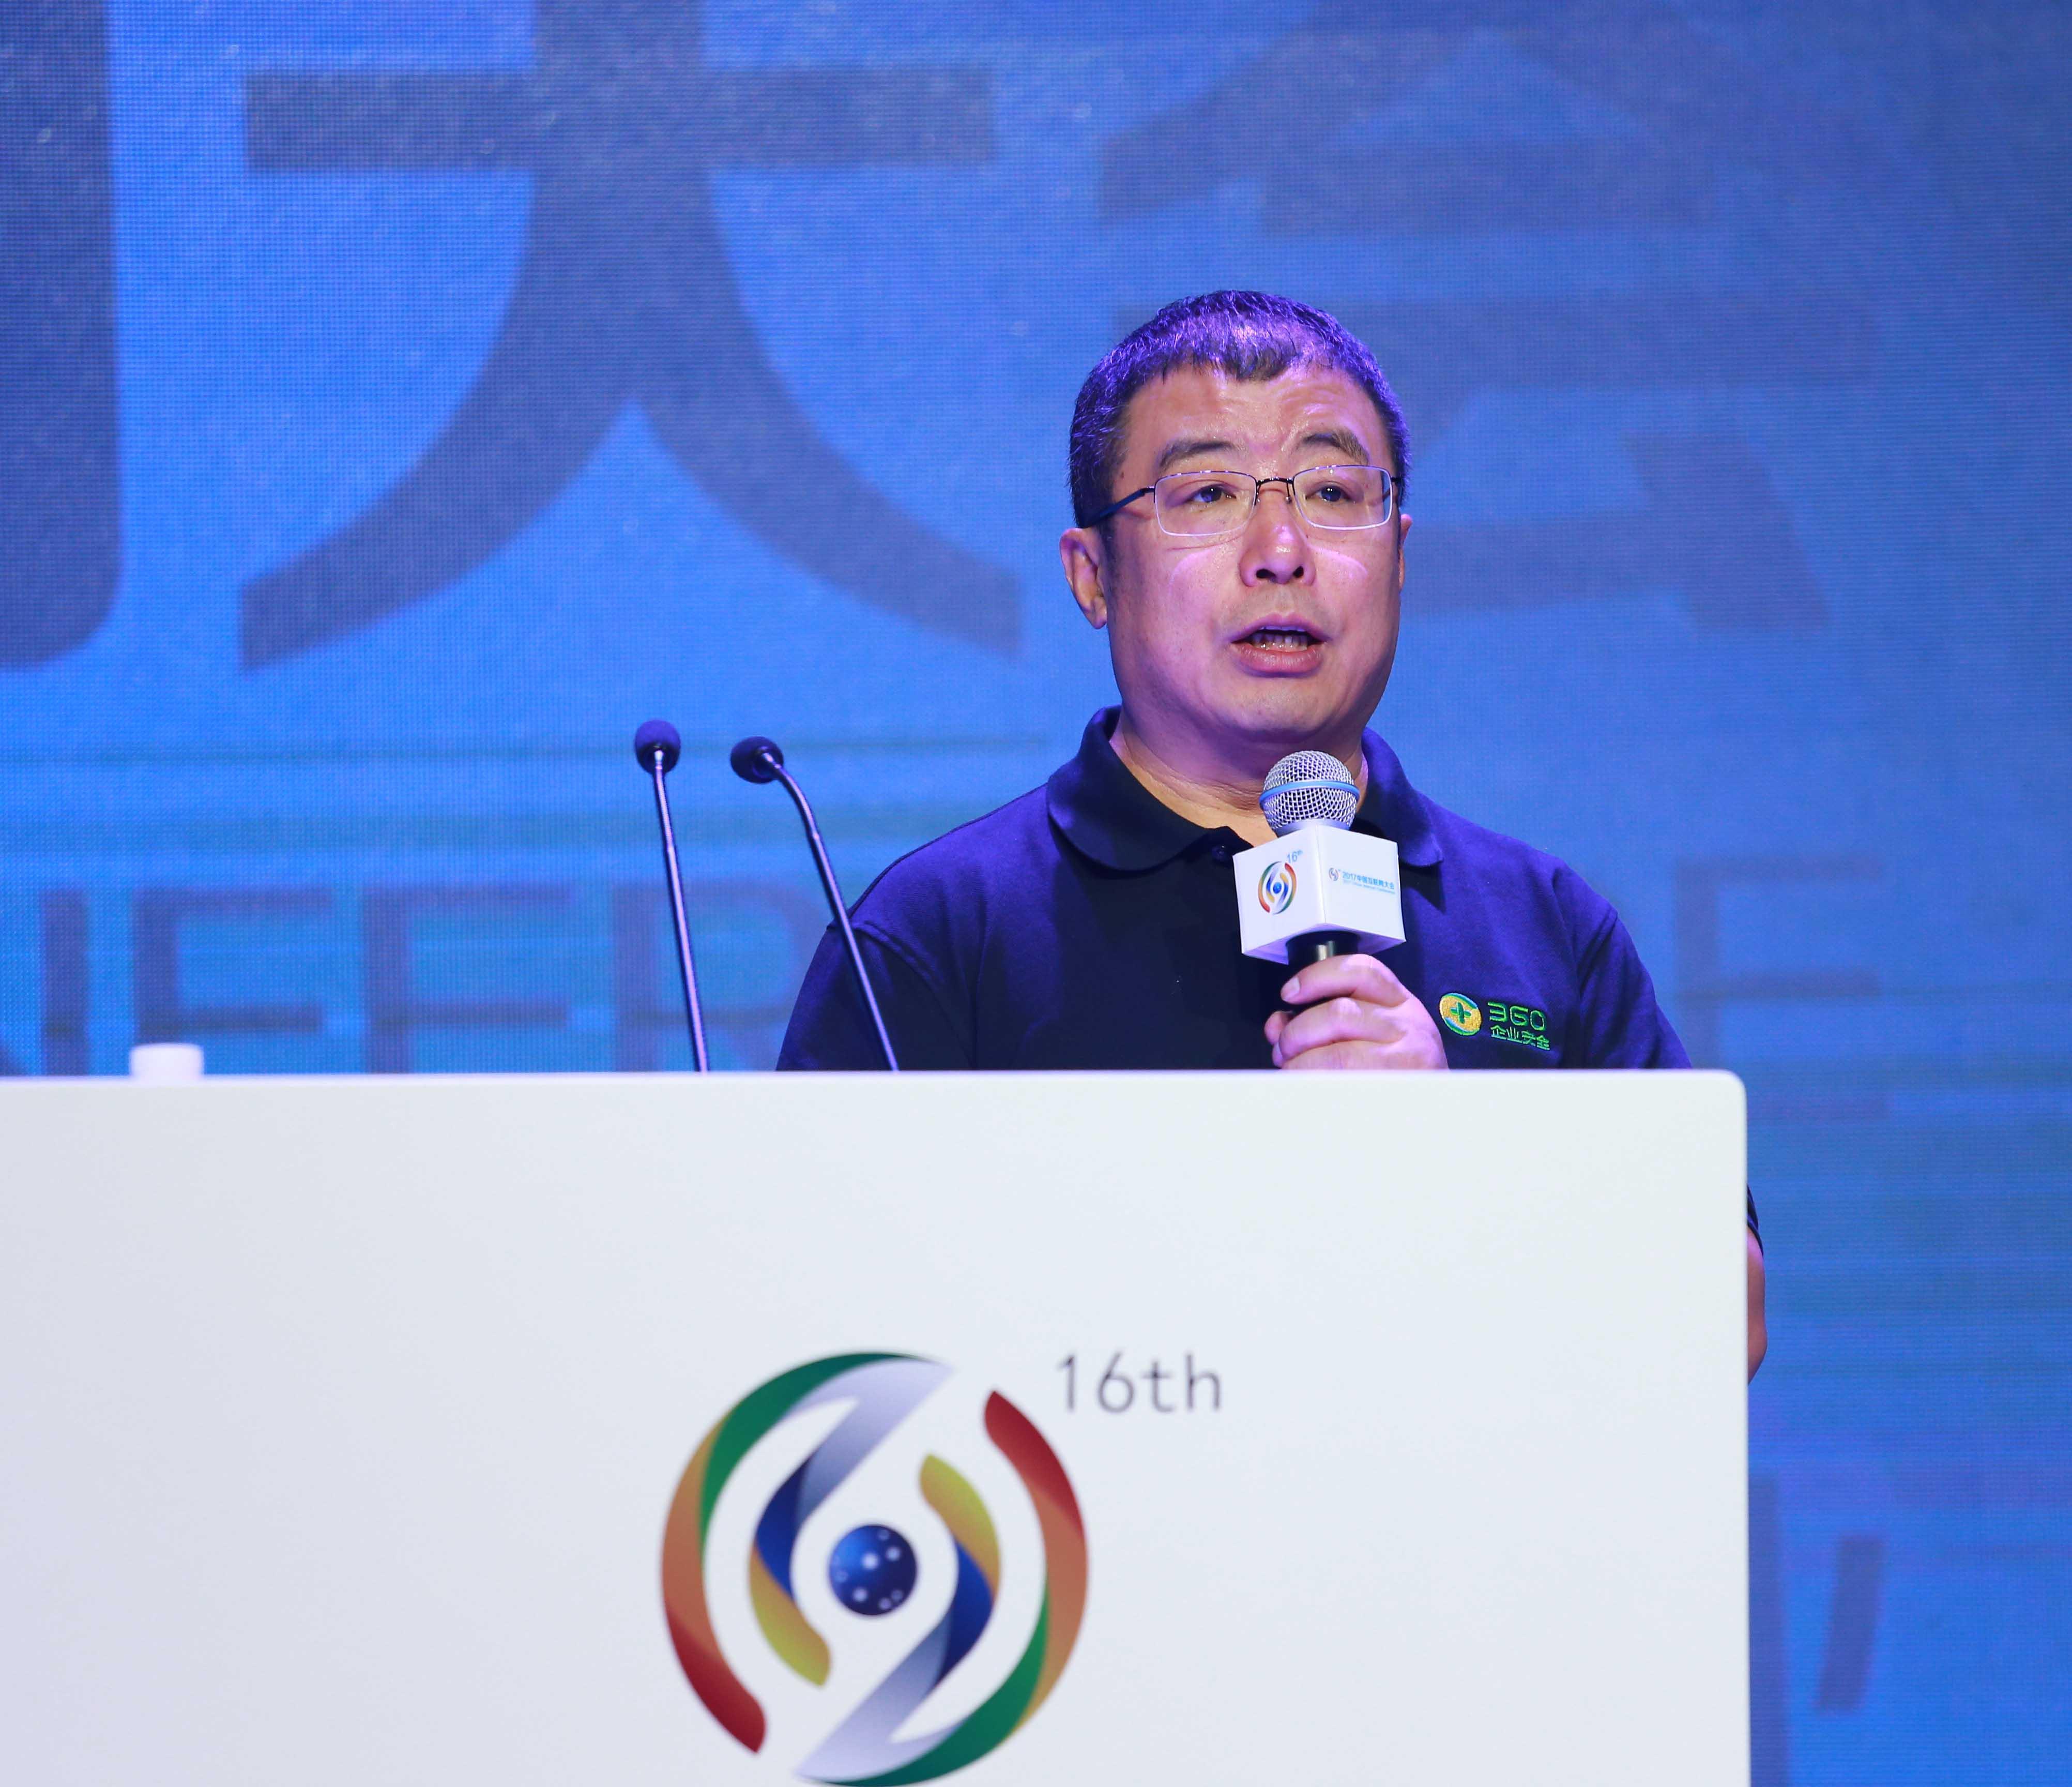 360齐向东:建设全新的网络安全体系迫在眉睫